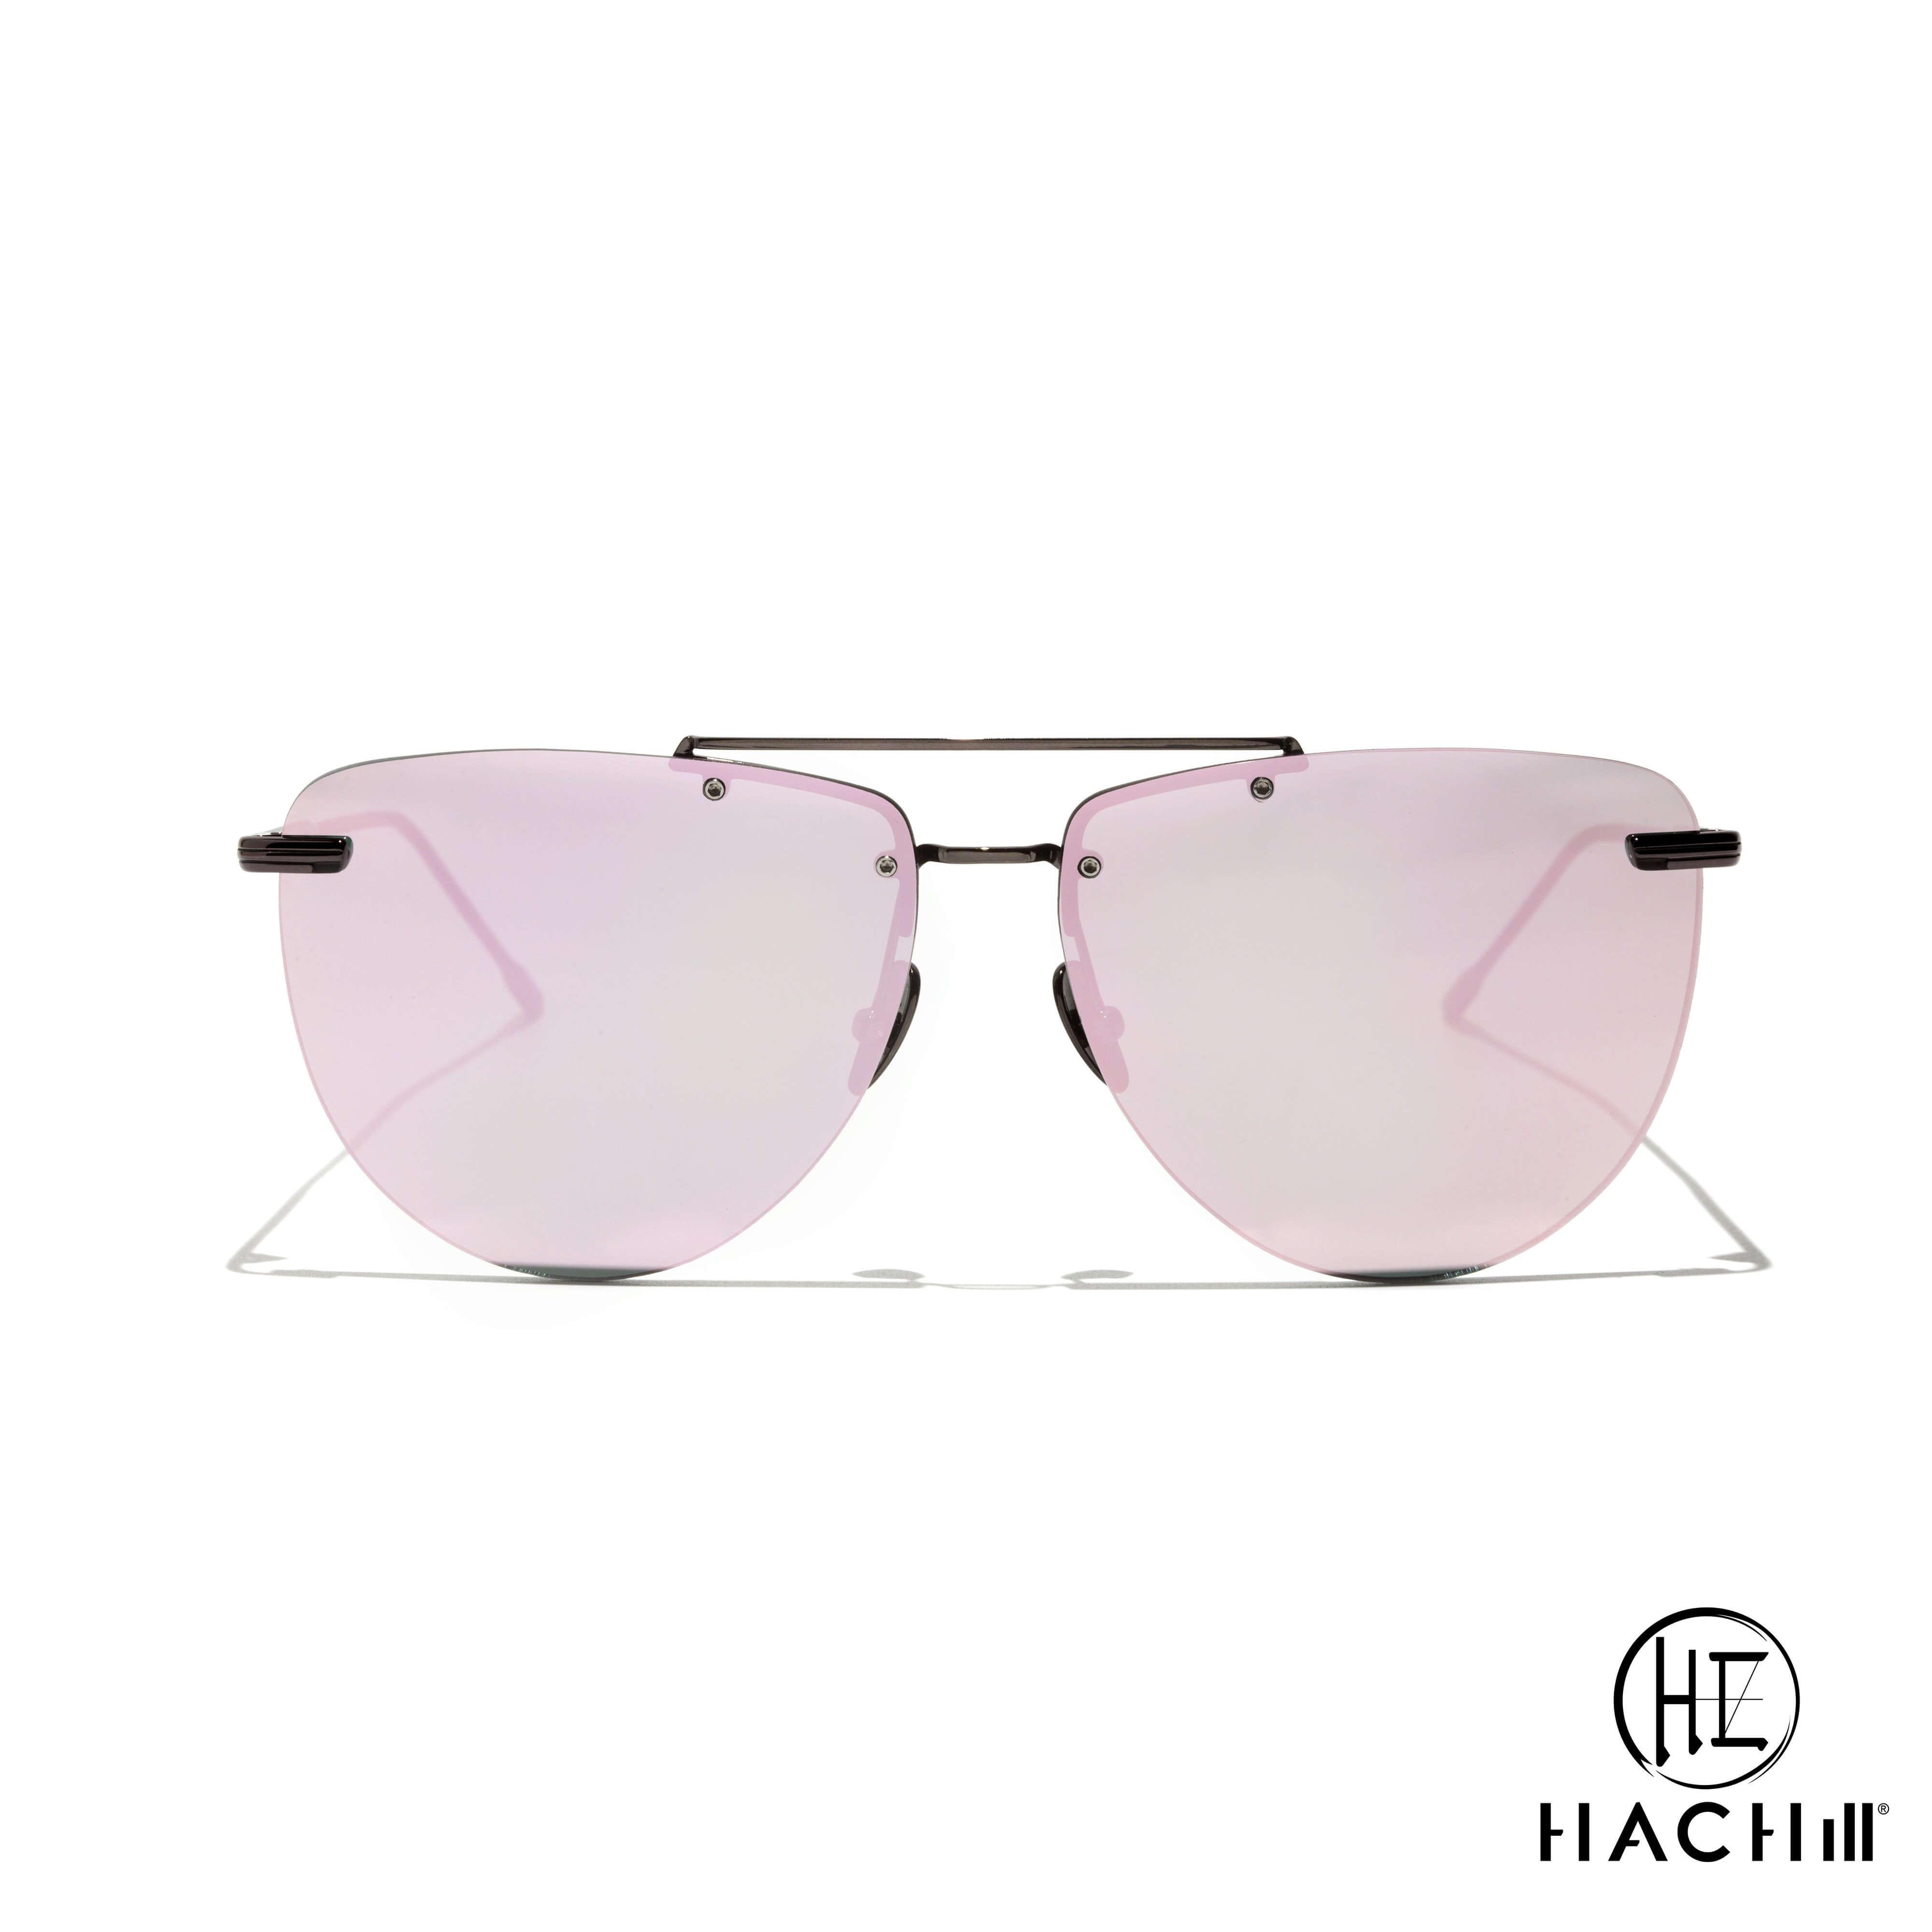 Hachill 太阳眼镜 HC8285S-C3 淡灰色